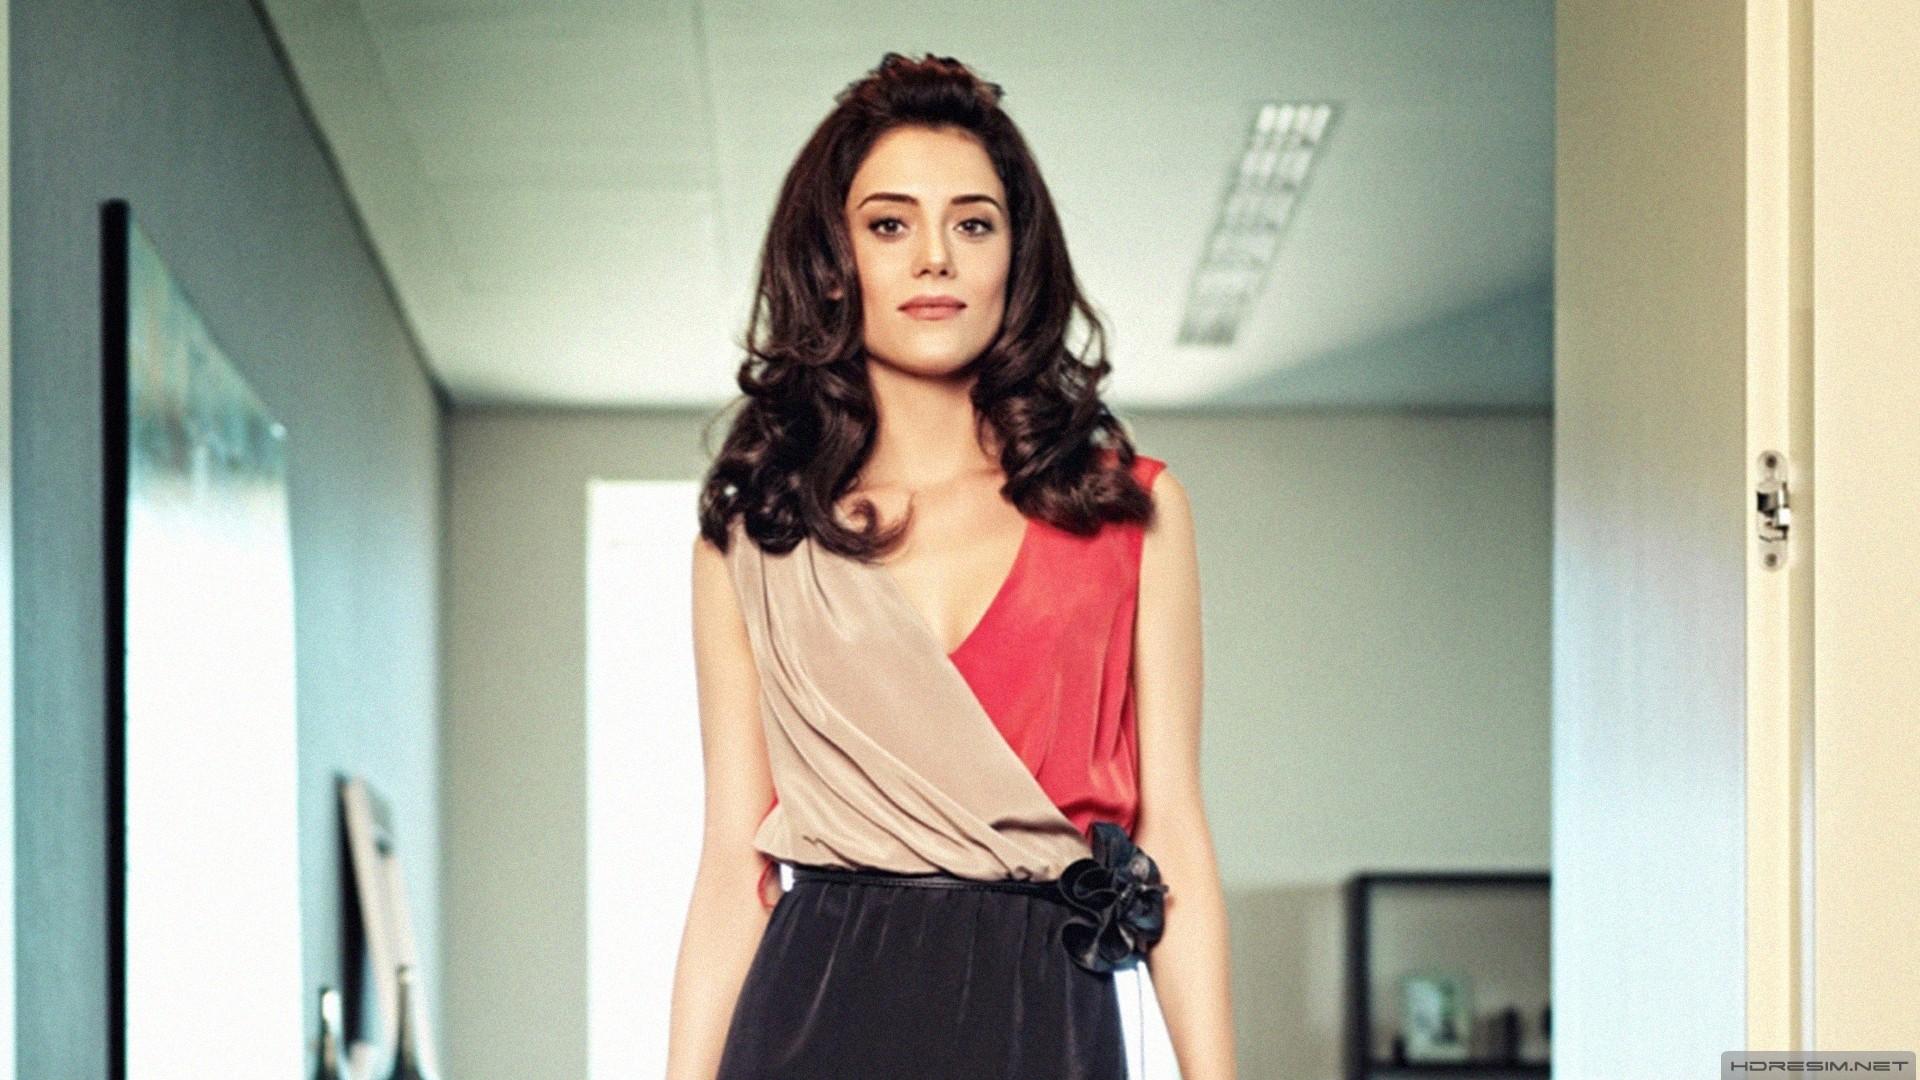 Cansu Dere Turkish Actress, Model, Presenter